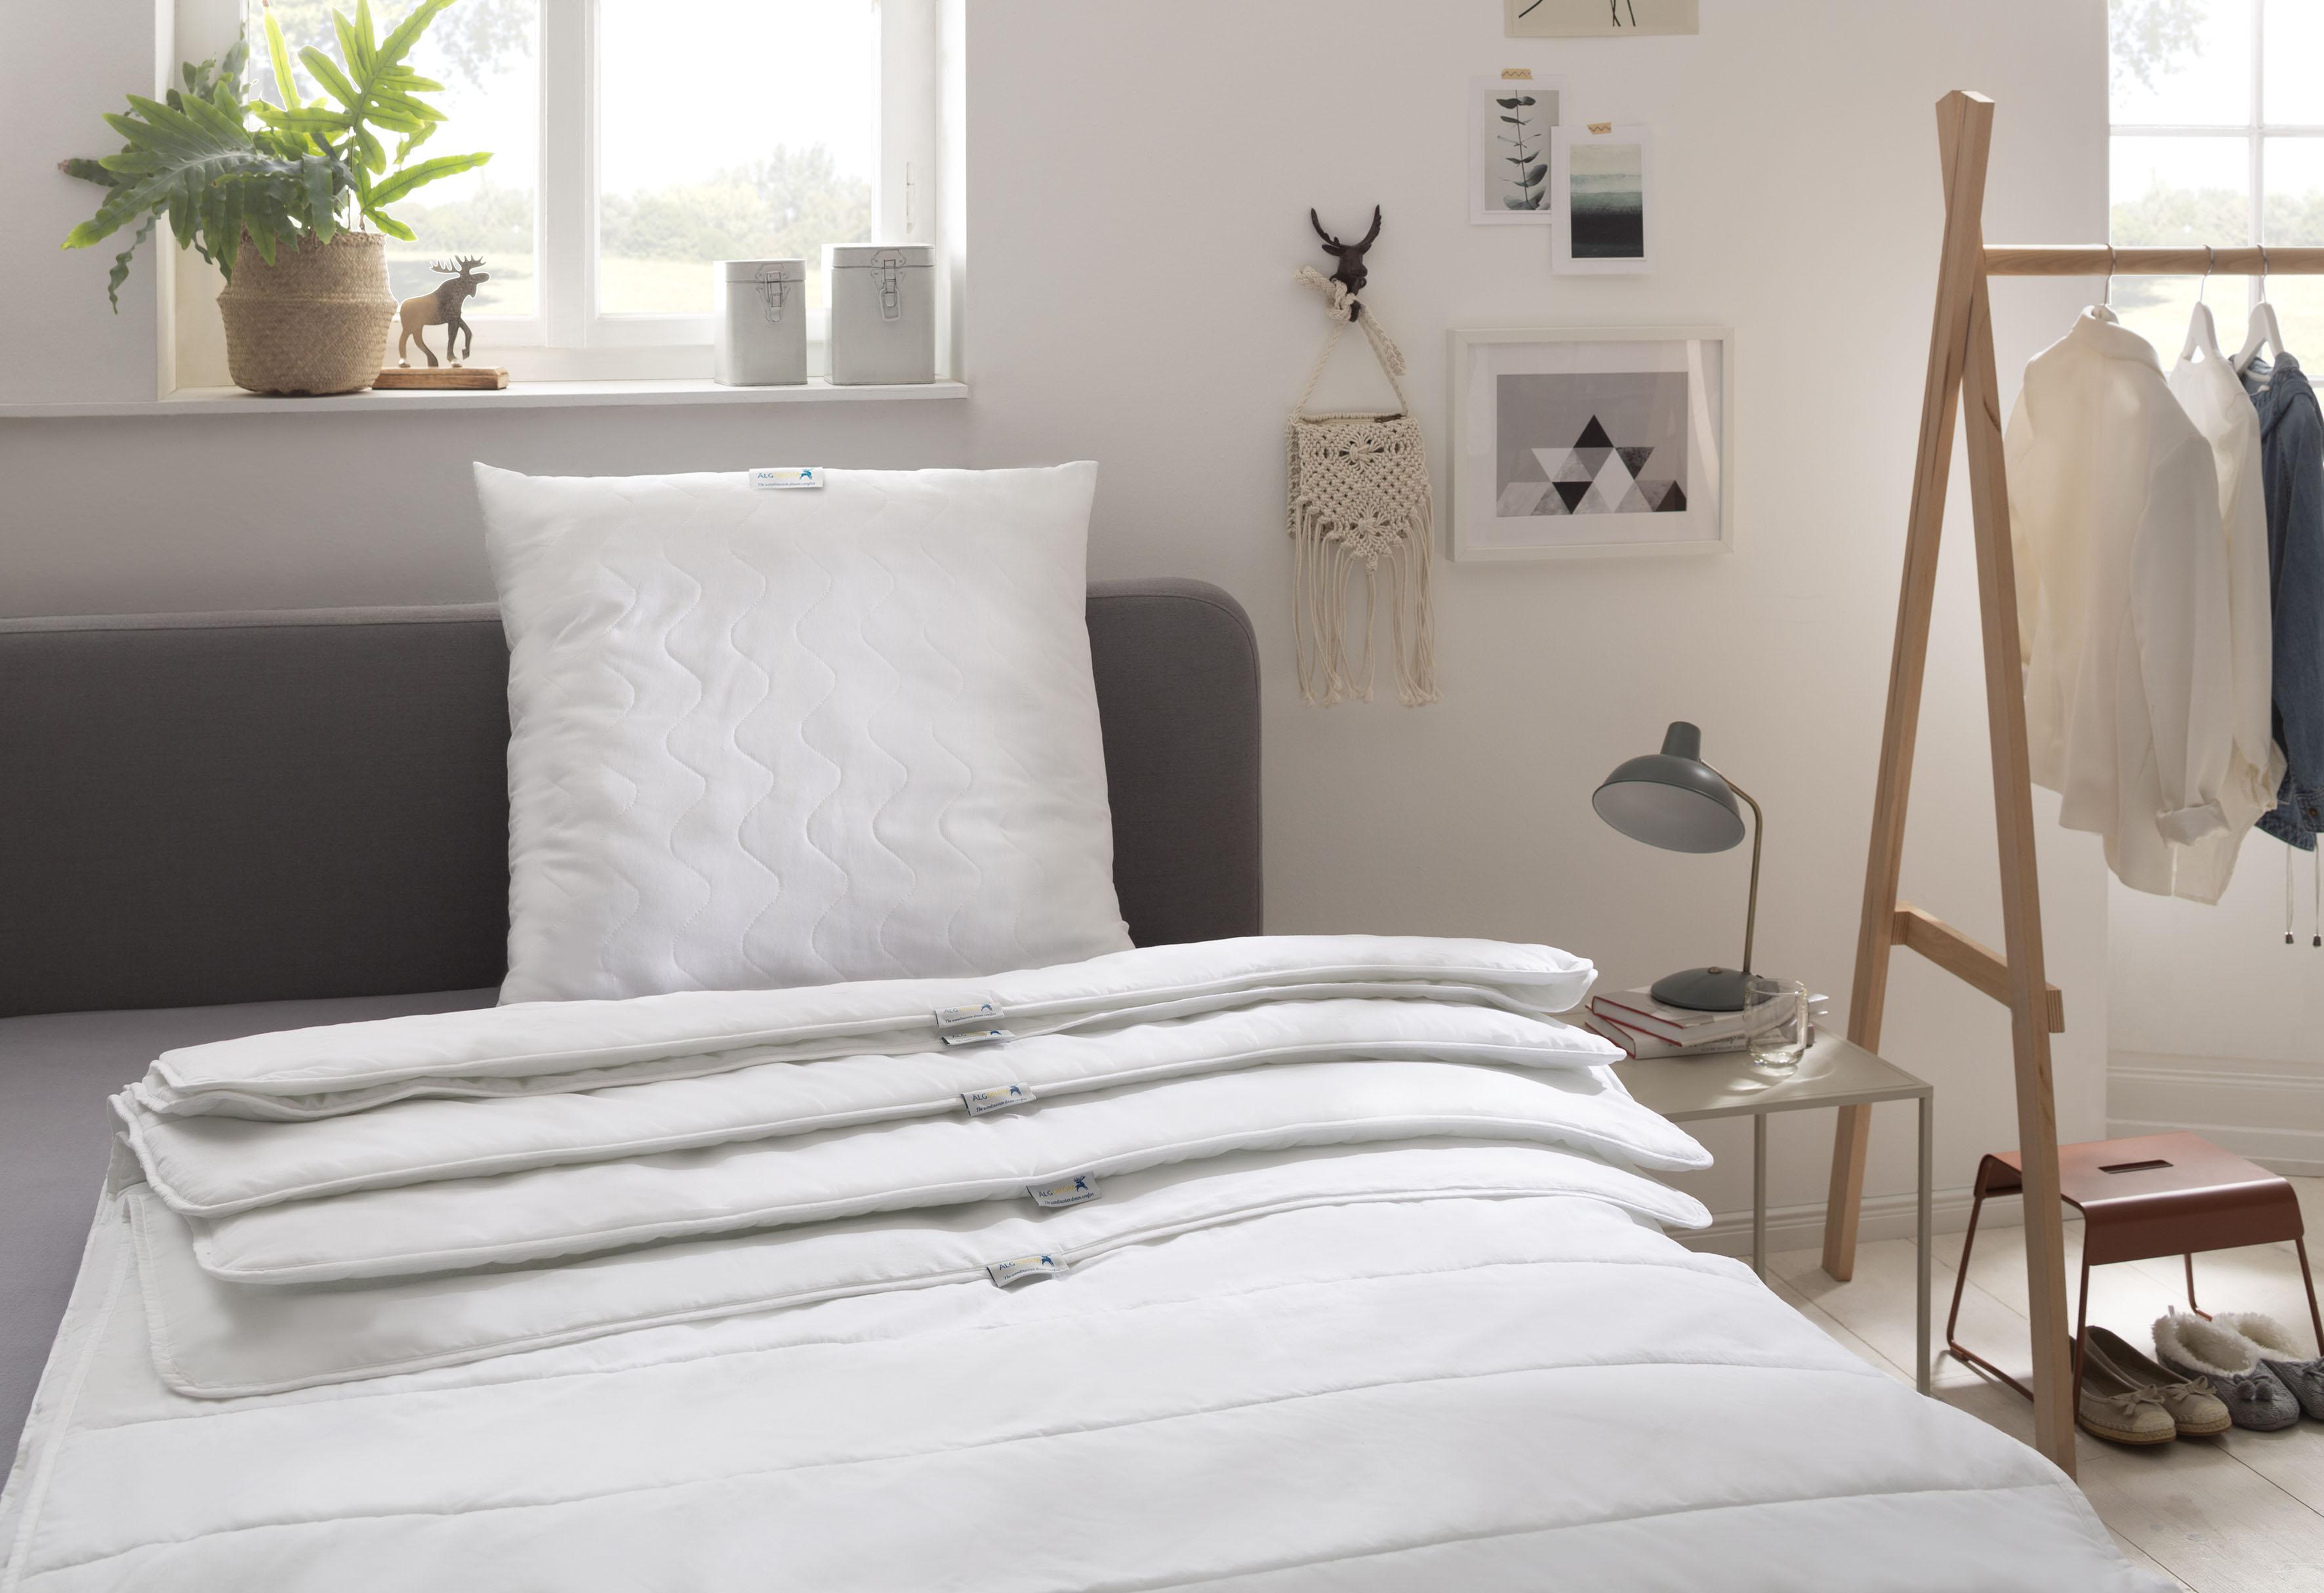 Image of Älgdröm Kunstfaserbettdecke »Femund«, warm, Füllung 50% Tencel™, 50% Polyester, Bezug 52% Polyester, 48% Baumwolle, (1 St.), sehr gute Klimaeigenschaften durch Lyocell Tencel™-Füllung